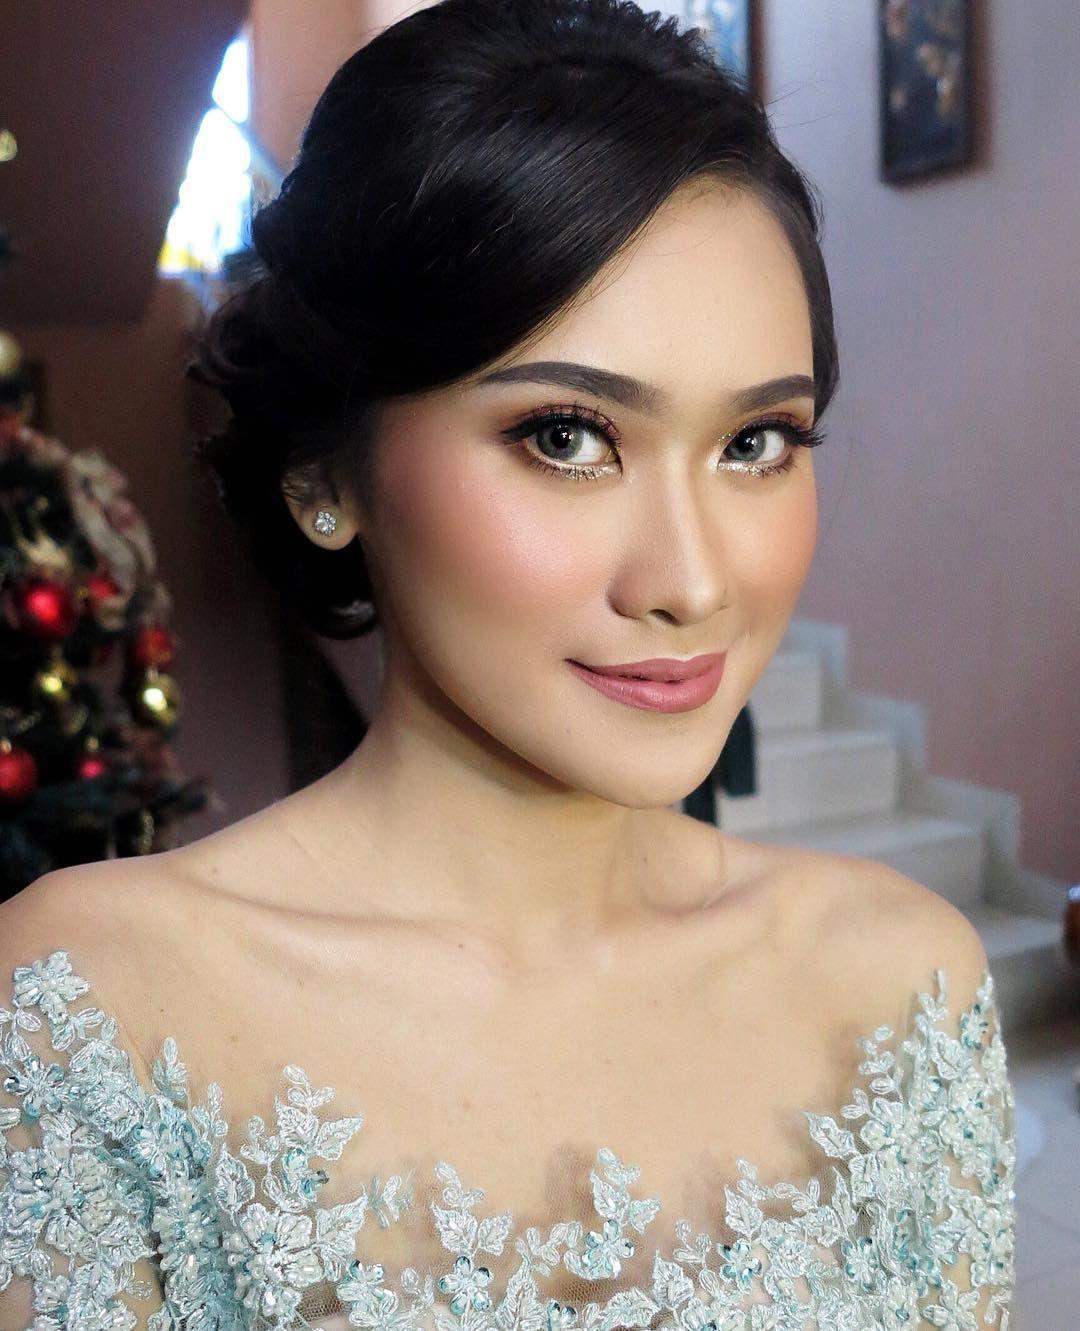 102 Likes, 5 Comments Makeup Artist Jakarta/Bogor